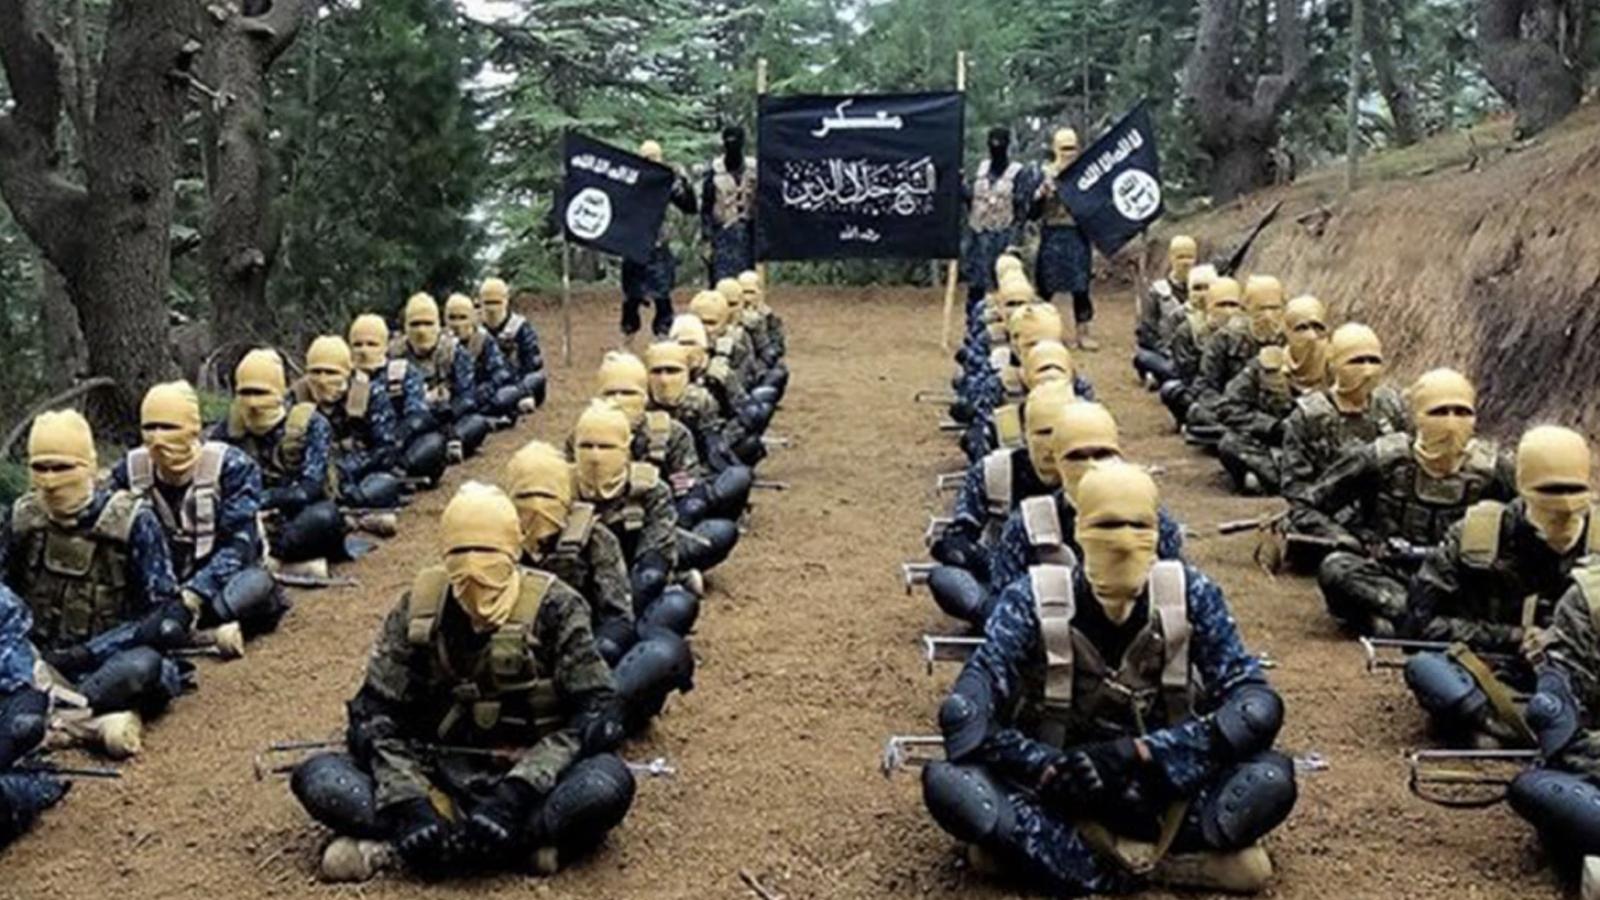 Tổ chức IS-K tại Afghanistan là ai và nhóm khủng bố này nguy hiểm ra sao?